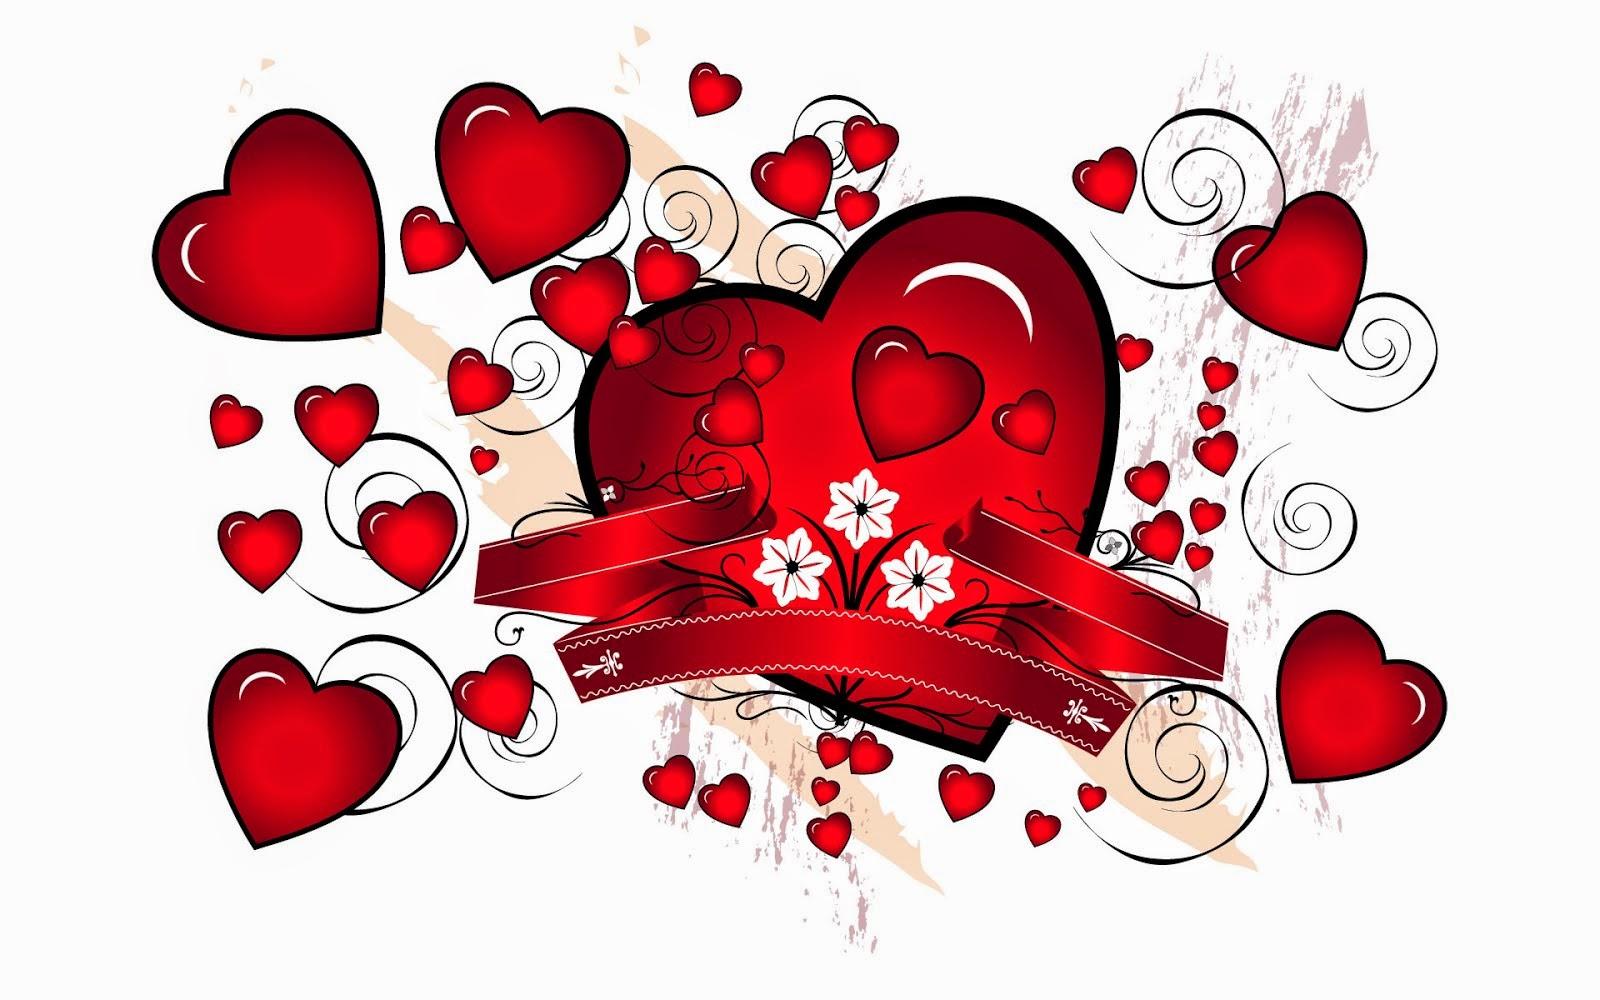 15 Imágenes de corazones de amor con frases bonitas - Imagenes De Corazones Lindos